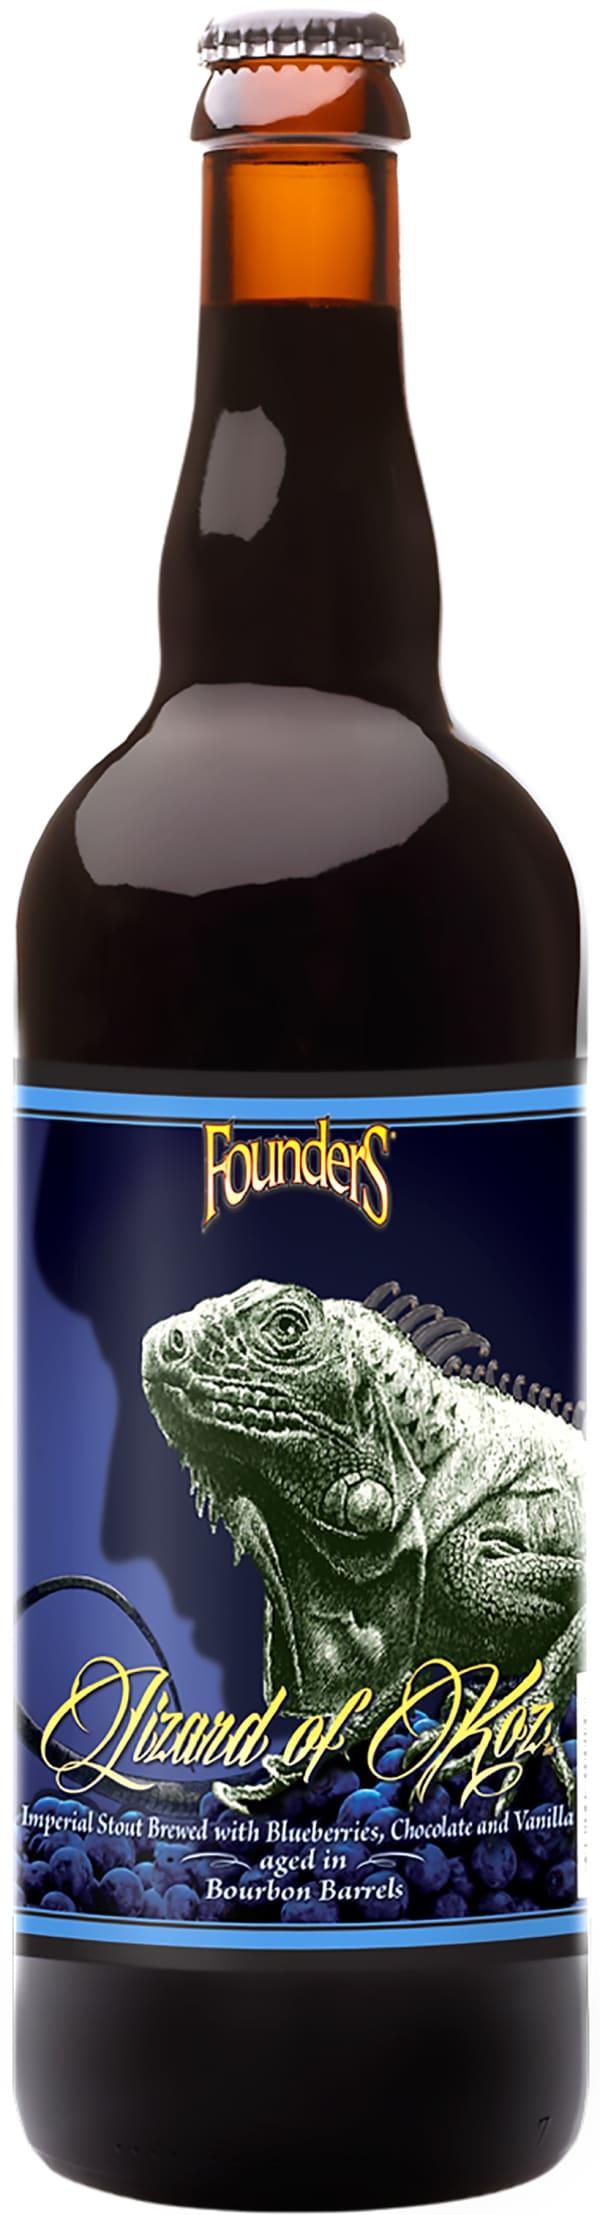 Founders Lizard of Koz